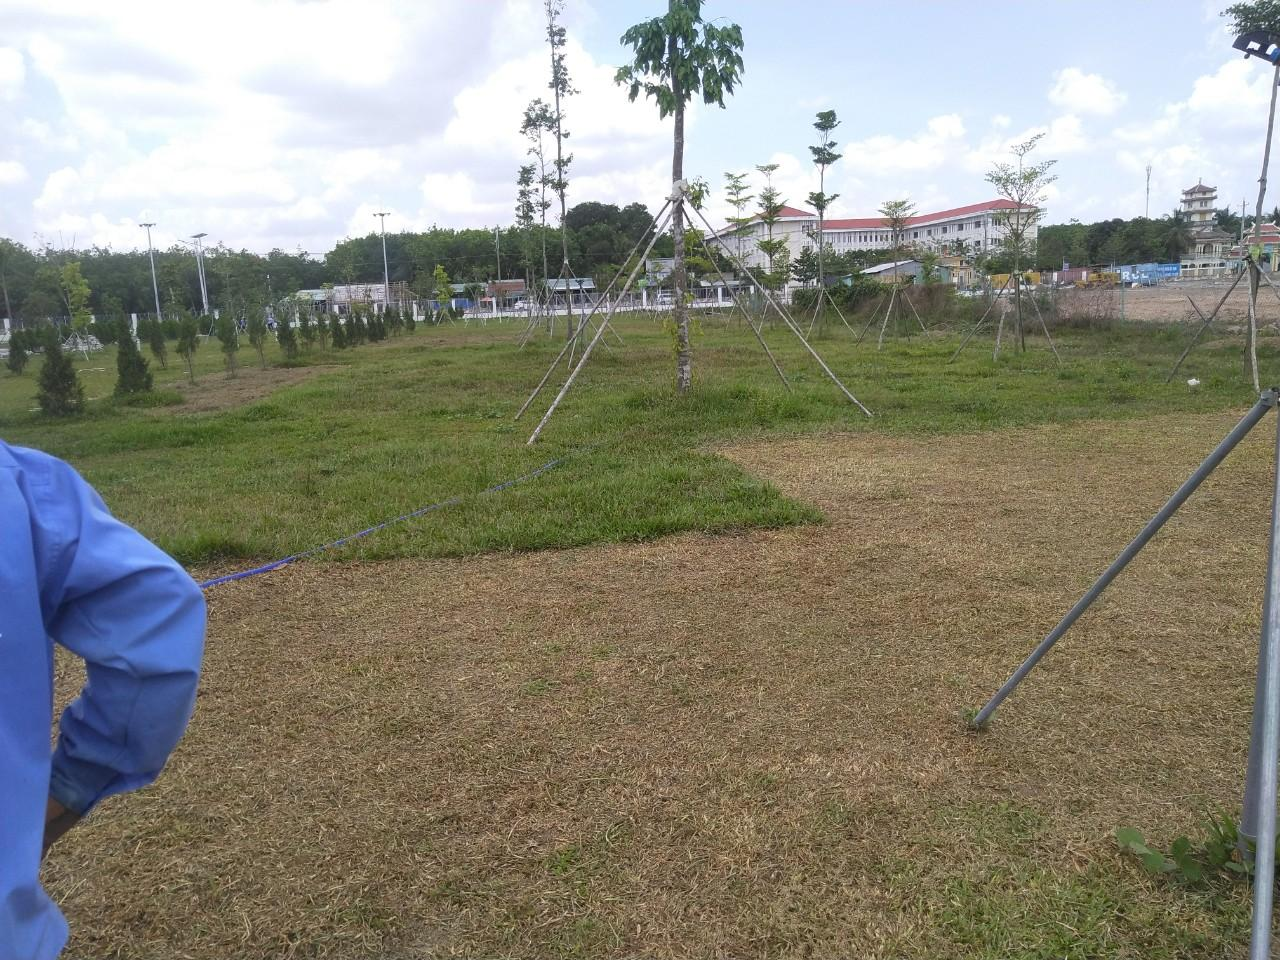 Đơn vị trồng cỏ trồng cây xanh khu công nghiệp Tây Ninh uy tín